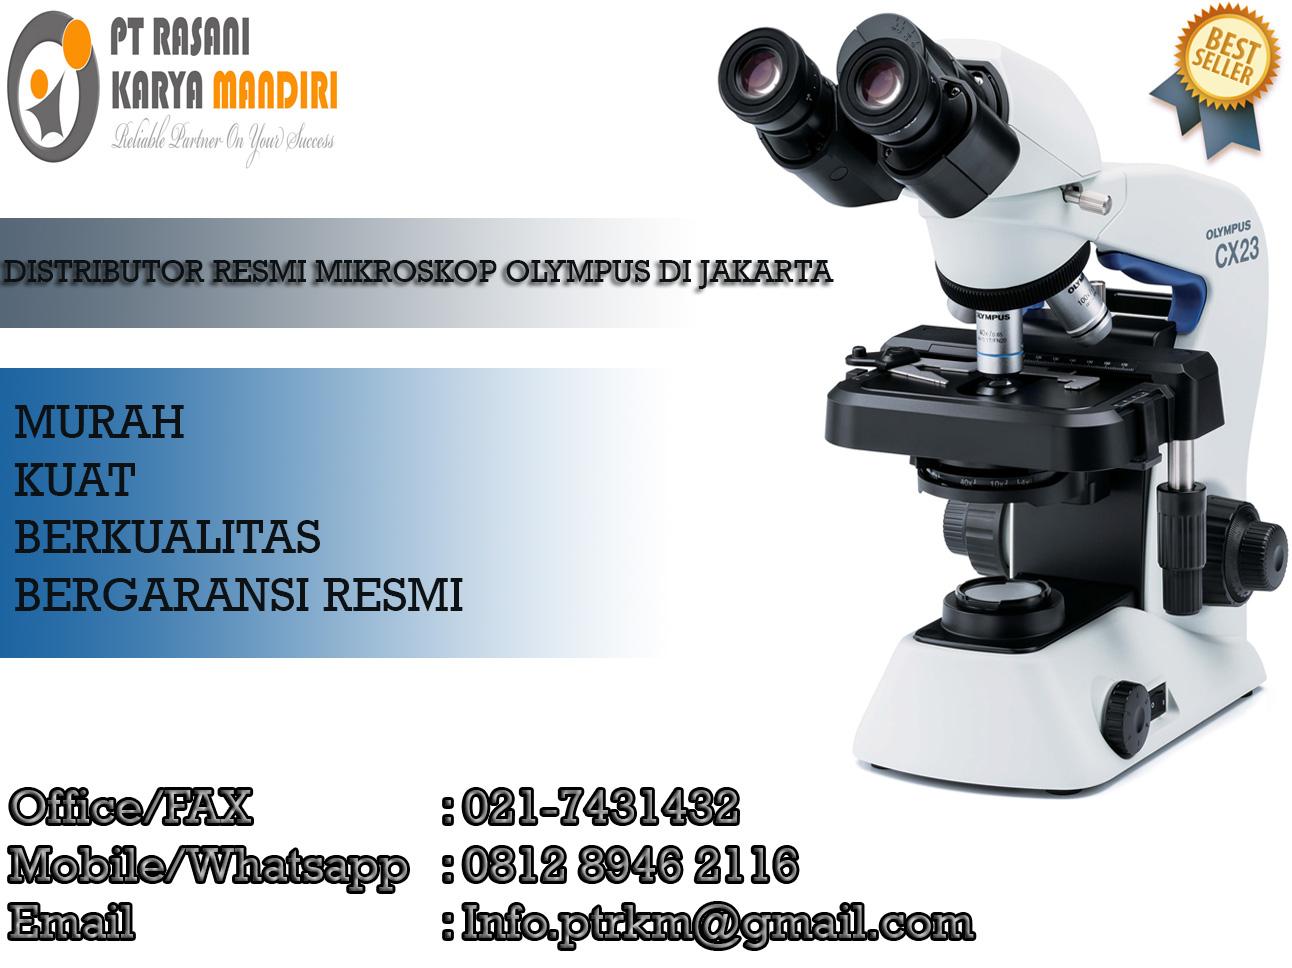 Harga Mikroskop Siswa, Harga Mikroskop Binokuler, Harga Mikroskop Olympus, Harga Mikroskop Digital, Berapa Harga Mikroskop, Mikroskop Binokuler Cx-23 Olympus Murah, Jual Mikroskop Binokuler Cx-23 Olympus, Harga Mikroskop Binokuler Cx-23 Olympus, Gambar Mikroskop Binokuler Cx-23 Olympus Murah, Spesifikasi Mikroskop Binokuler Cx-23 Olympus Toko Jual Mikroskop Binokuler Cx-23 Olympus Murah Di Bintaro, Toko Jual Mikroskop Binokuler Cx-23 Olympus Murah Di Tangerang, Toko Jual Mikroskop Binokuler Cx-23 Olympus Jakarta, Distributor Mikroskop Jakarta, Distributor Mikroskop Tangerang Selatan, Distributor Mikroskop Pramuka, Grosir Mikroskop Murah Pramuka, Grosir Mikroskop Murah Jakarta, Grosir Mikroskop Murah Ciputat, Toko Mikroskop Jakarta, Toko Mikroskop Di Jakarta, Toko Mikroskop Di Surabaya, Jual Mikroskop, Beli Mikroskop Murah, Jual Mikroskop Mini, Jual Mikroskop Digital, Jual Mikroskop Olympus, Spesifikasi Jual Mikroskop Digital, Jual Mikroskop Olympus Bekas, Harga Mikroskop Olympus Cx21, Harga Mikroskop Binokuler Olympus, Harga Microscope Olympus, Harga Mikroskop Olympus Cx31, Harga Mikroskop Olympus Cx41, Mikroskop Olympus Cena, Mikroskop Olympus Cx22, Harga Mikroskop Cahaya, Daftar Harga Mikroskop Cahaya, Harga Mikroskop Cahaya Monokuler, Harga Mikroskop Cahaya Binokuler, Harga Mikroskop Digital, Harga Mikroskop Siswa, Harga Mikroskop Binokuler, Harga Mikroskop Optik, Harga Mikroskop Cahaya Monokuler, Beli Mikroskop Cahaya, Prosedur Penggunaan Mikroskop Binokuler, Jual Mikroskop Cahaya, Daftar Harga Mikroskop Siswa, Daftar Harga Mikroskop Elektron, Harga Mikroskop Binokuler Olympus, Harga Mikroskop Cahaya, Cara Menggunakan Mikroskop Cahaya, Harga Mikroskop Cahaya Monokuler, Cara Kerja Mikroskop Cahaya, Tata Cara Penggunaan Mikroskop, Prosedur Kerja Mikroskop, Urutan Penggunaan Mikroskop, Cara Menggunakan Miskroskop.Mikroskop Binokuler Cx-23 Olympus Murah, Jual Mikroskop Binokuler Cx-23 Olympus, Harga Mikroskop Binokuler Cx-23 Olympus, Gambar Mikroskop Binokuler Cx-23